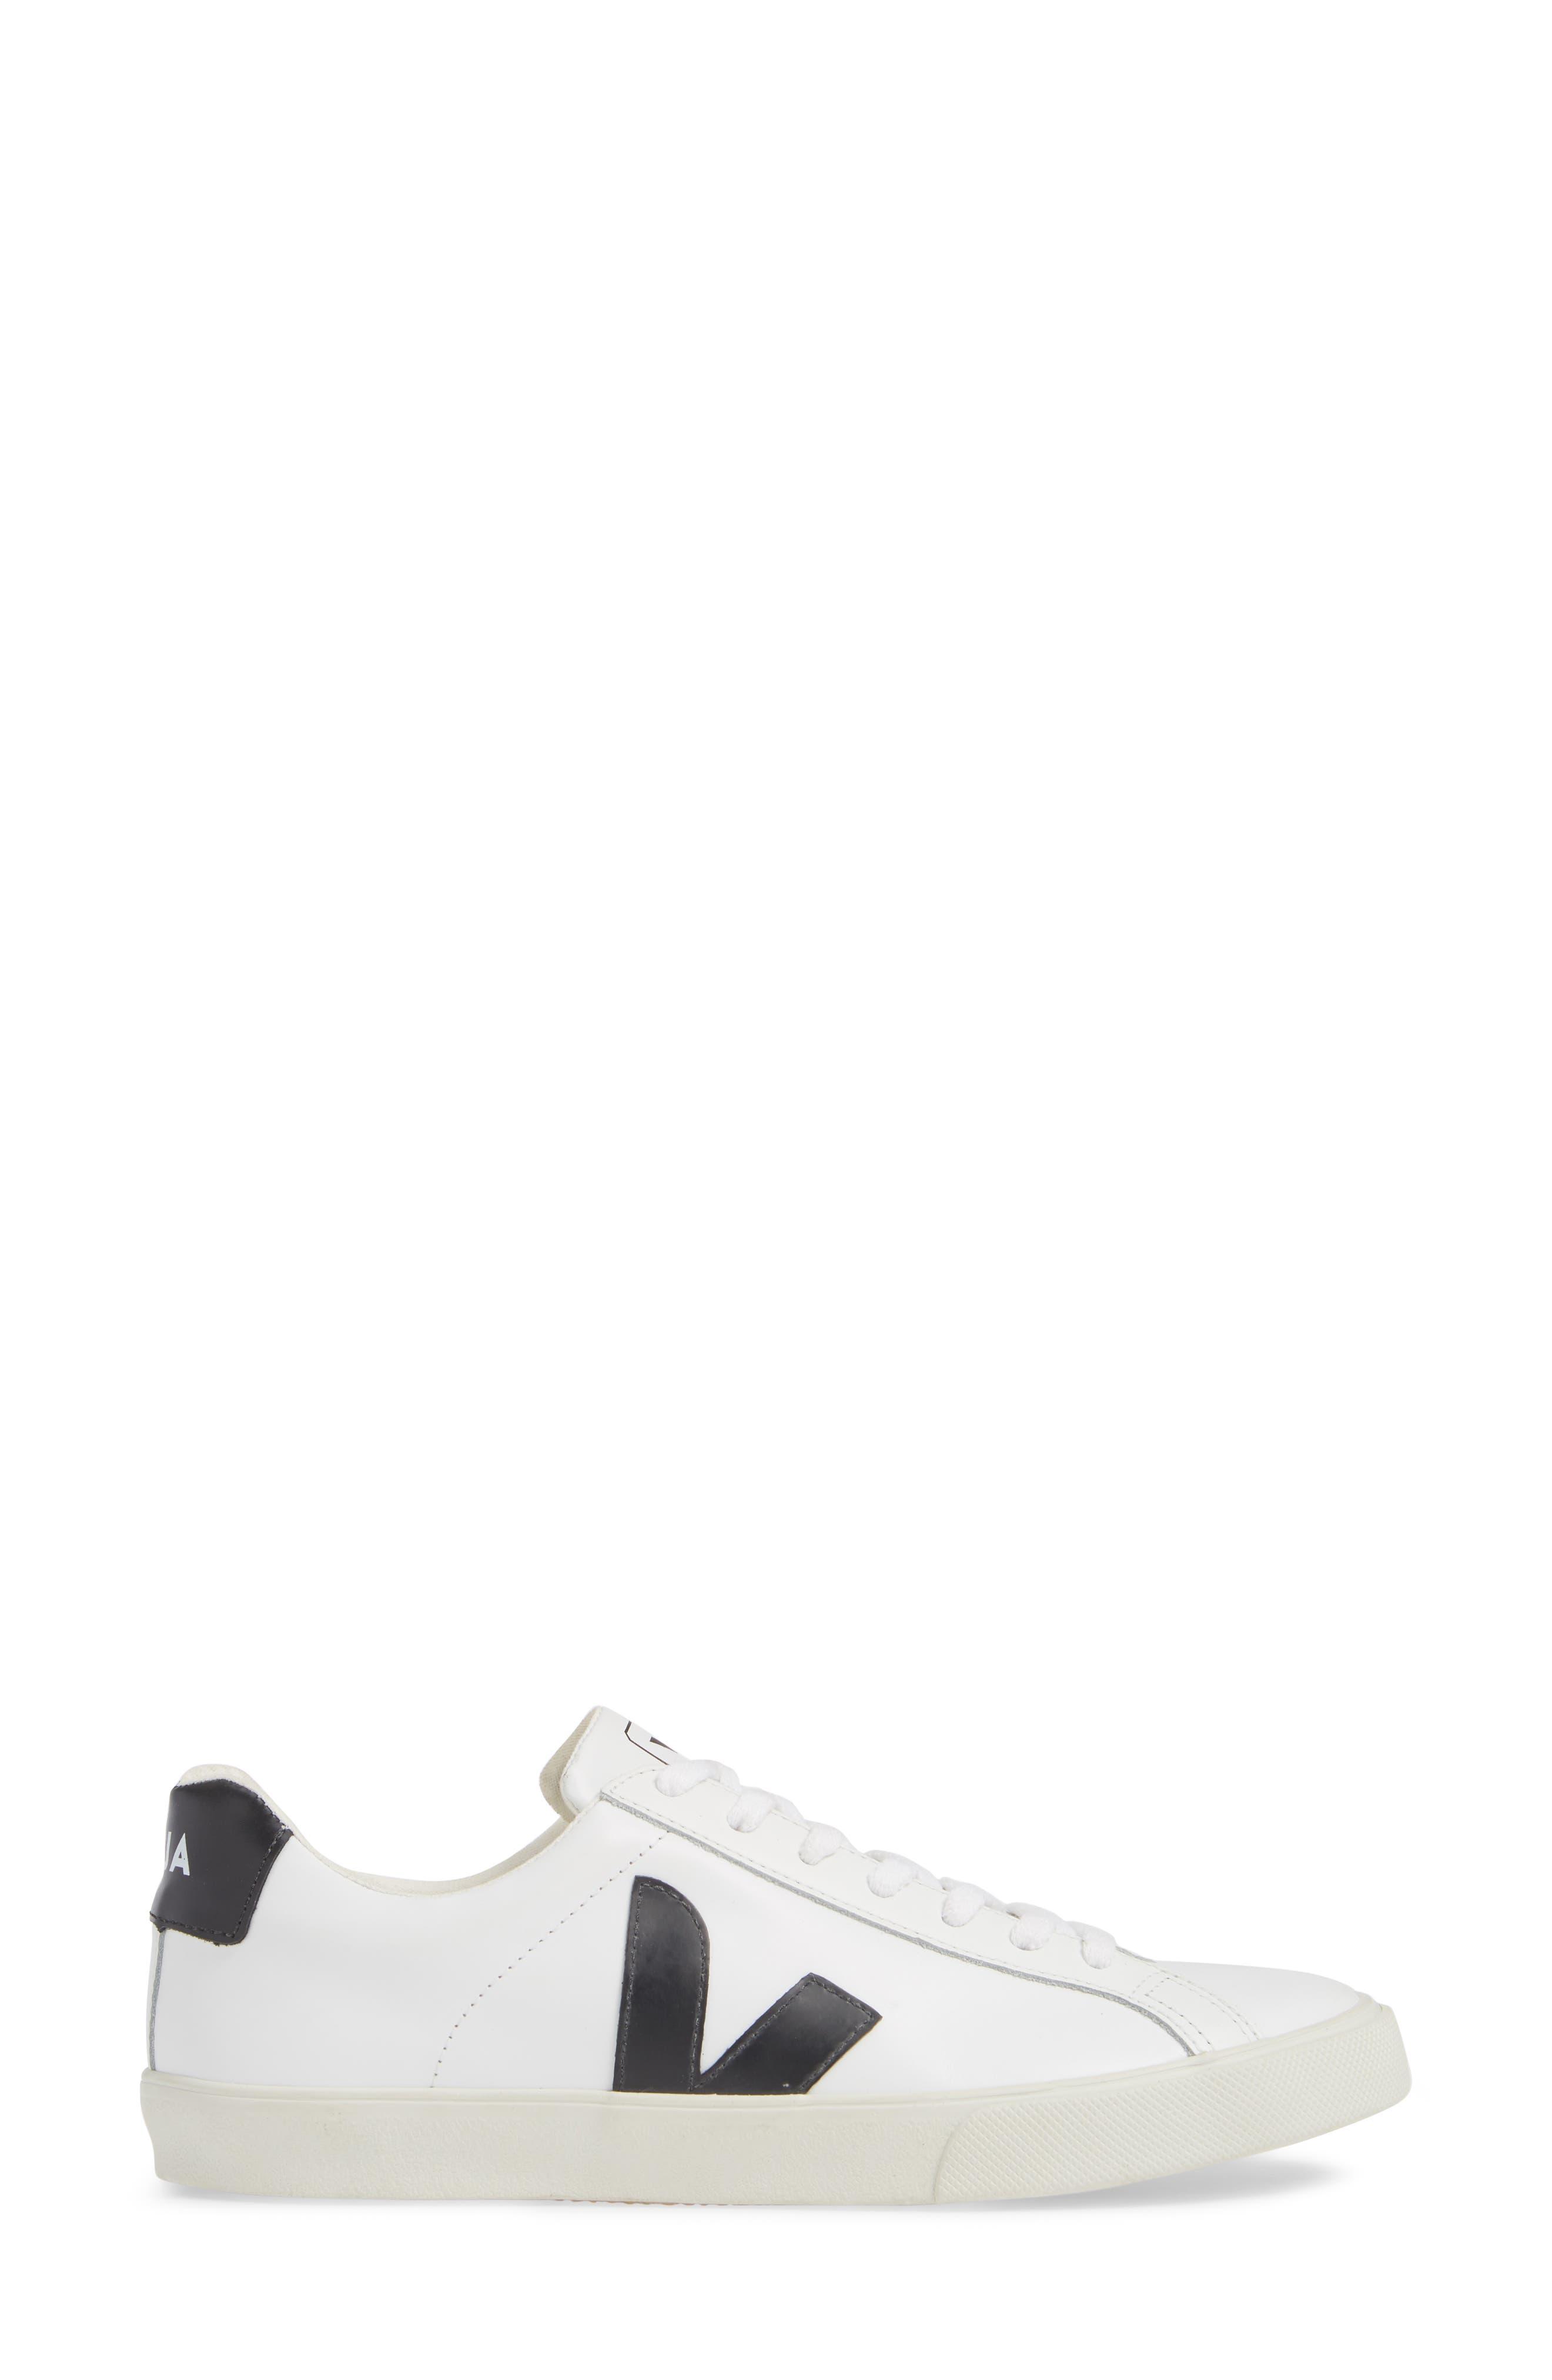 VEJA, Esplar Sneaker, Alternate thumbnail 3, color, EXTRA WHITE BLACK